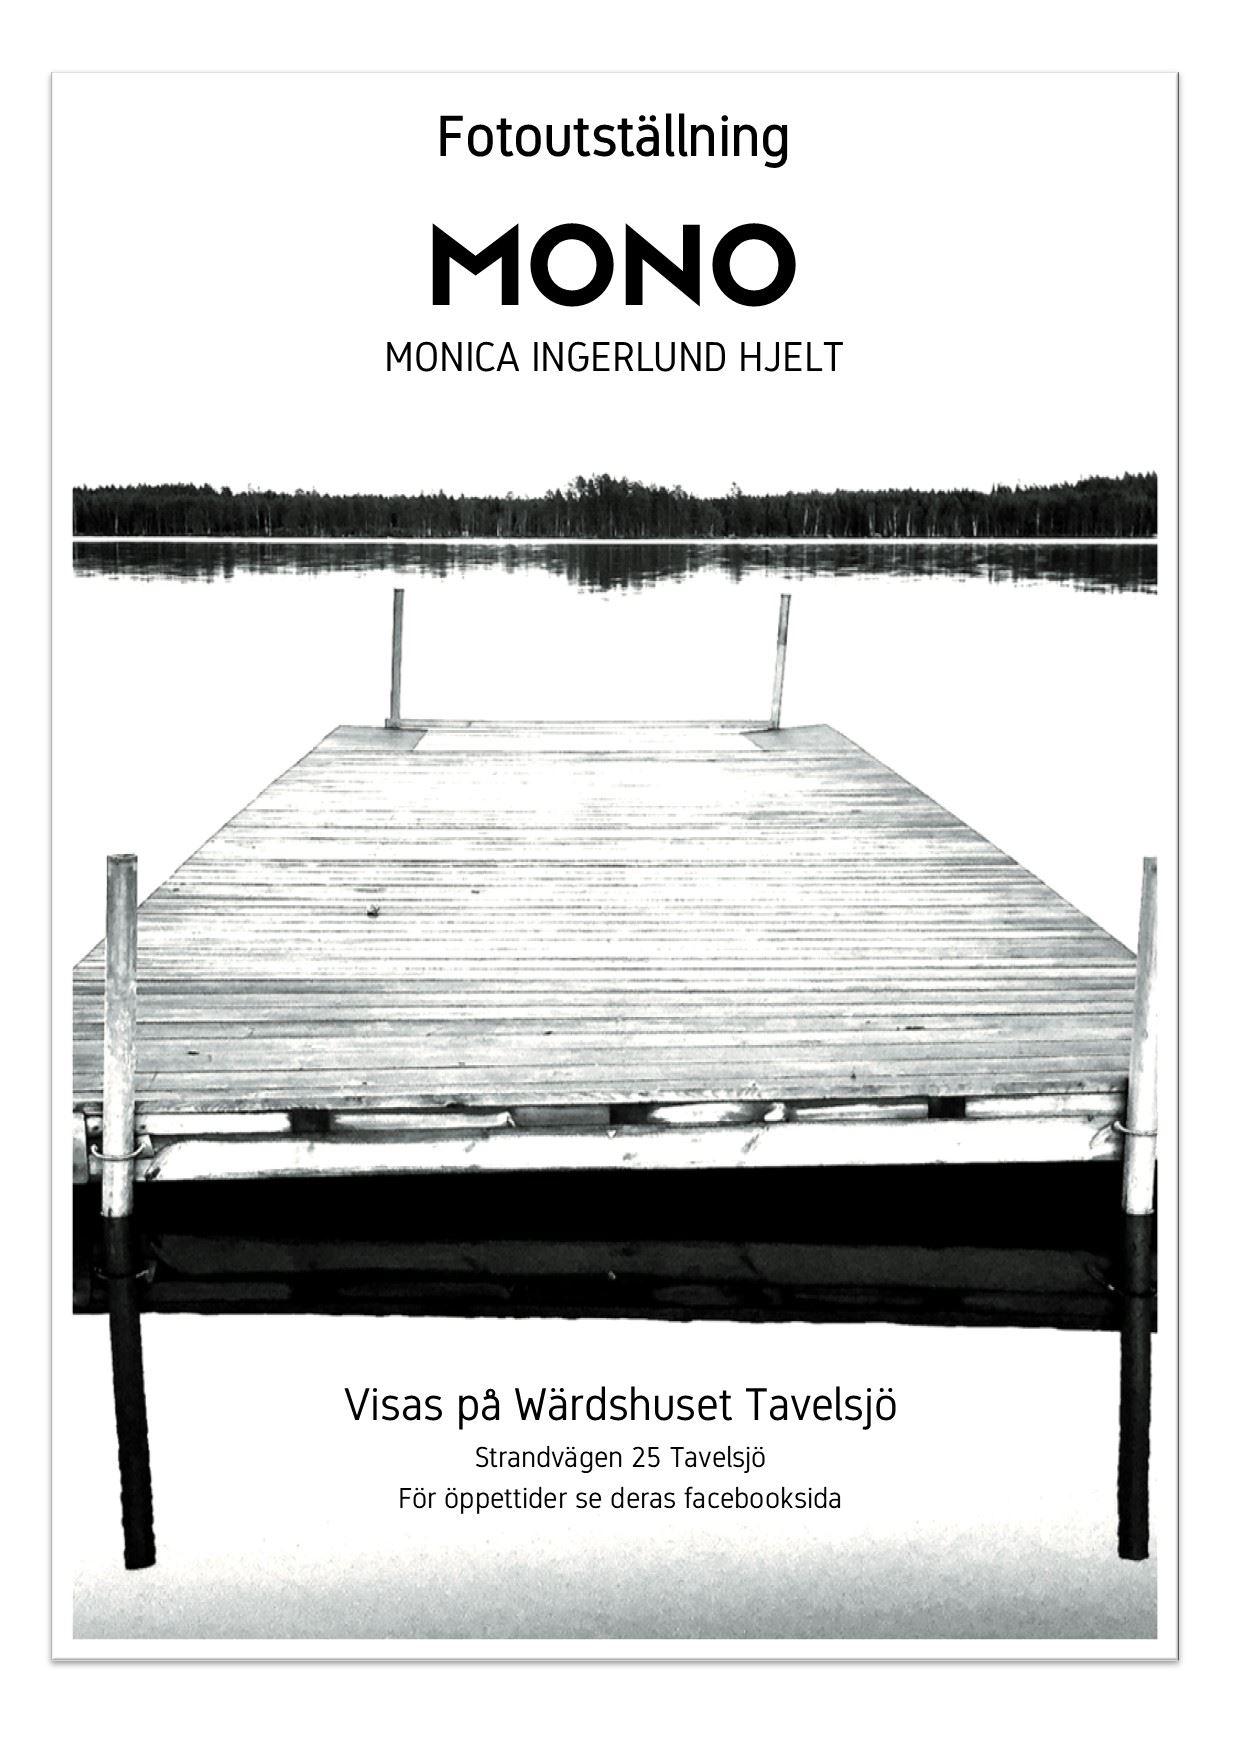 Fotoutställning på Wärdshuset Tavelsjö